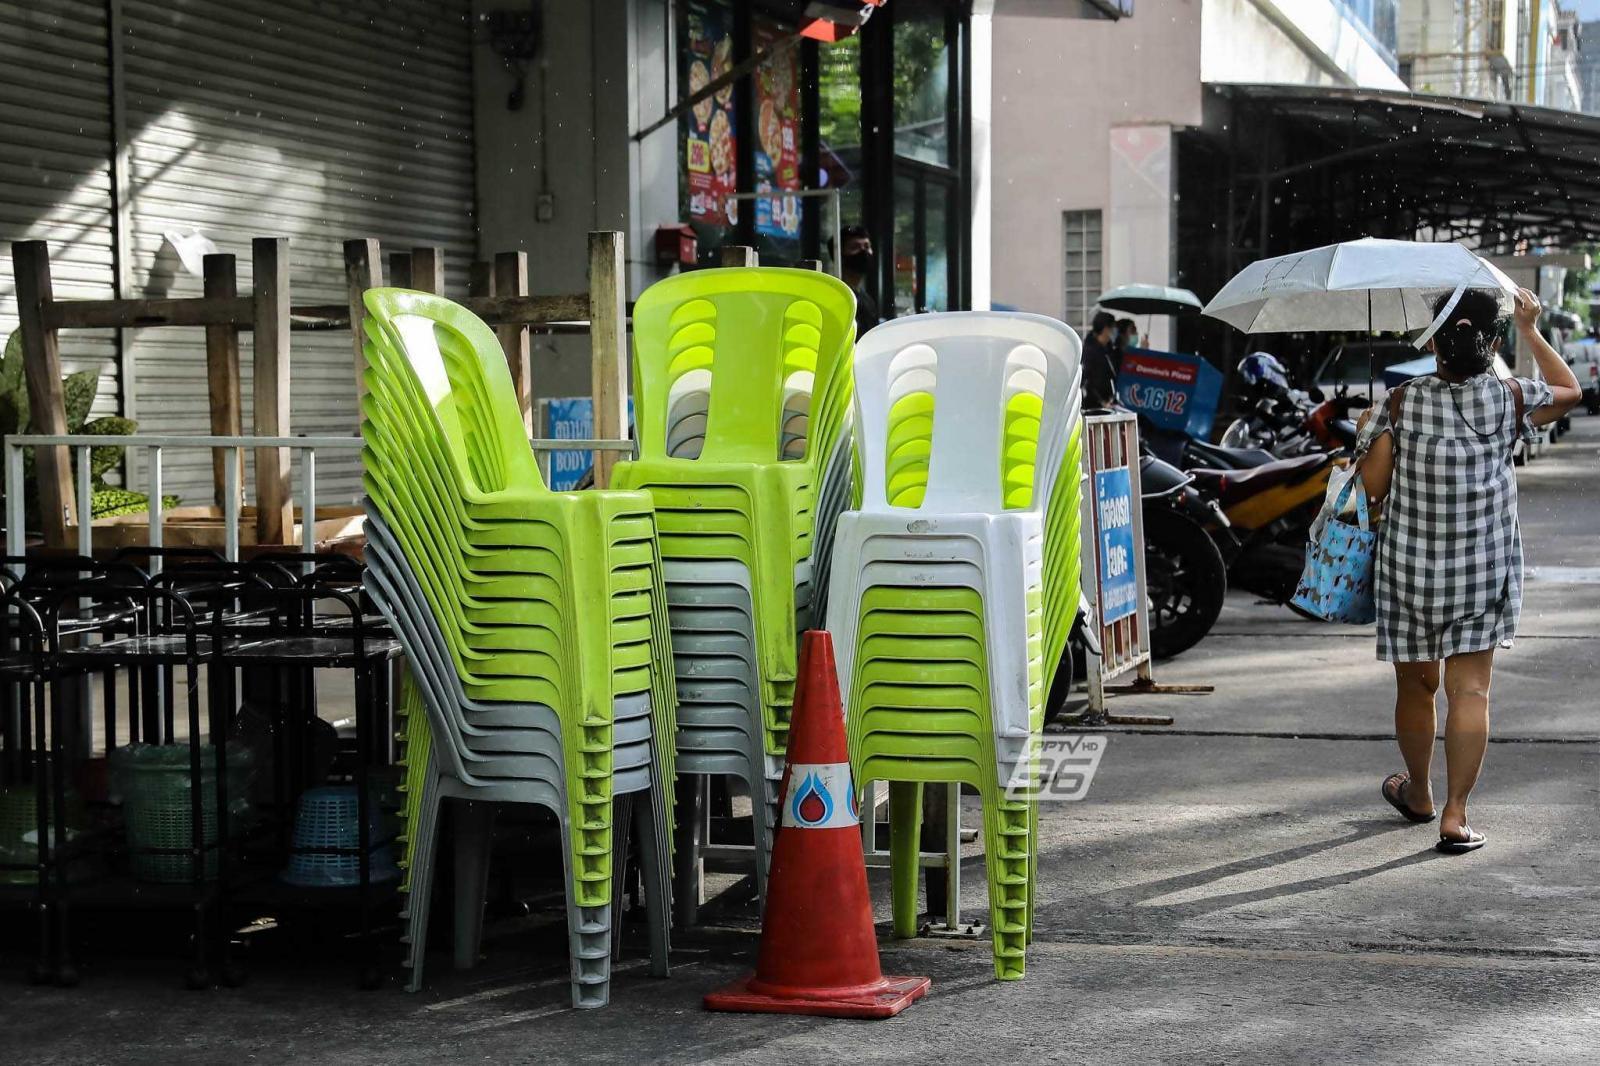 เป็นเรื่อง เป็นข่าว สเปเชียล : แนวการบริหารเศรษฐกิจไทยภายใต้การแพร่ระบาดโควิด-19